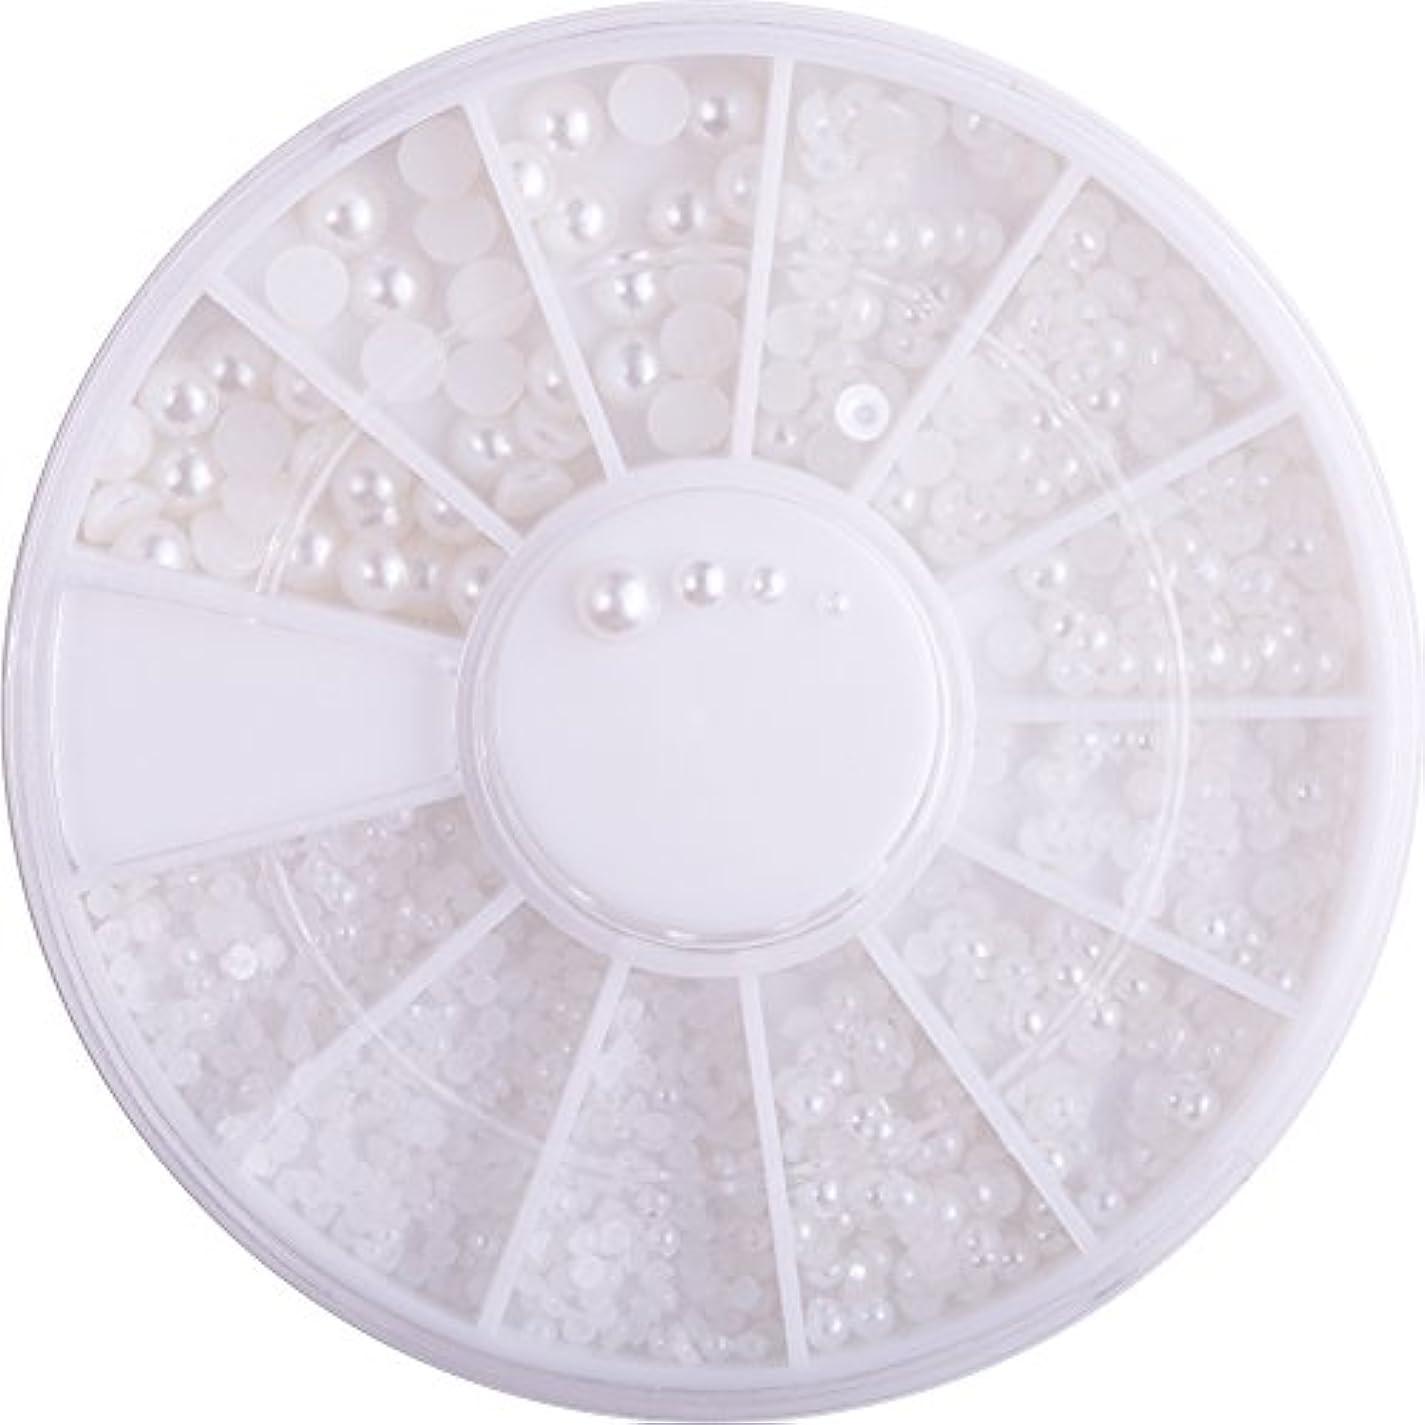 ユニークモール(UniqueMall)半円パール ホワイト ネイル デコ用 1.5mm,2mm,2.5mm,3mm ラウンドケース入 ネイルアートパーツ ネイル用品